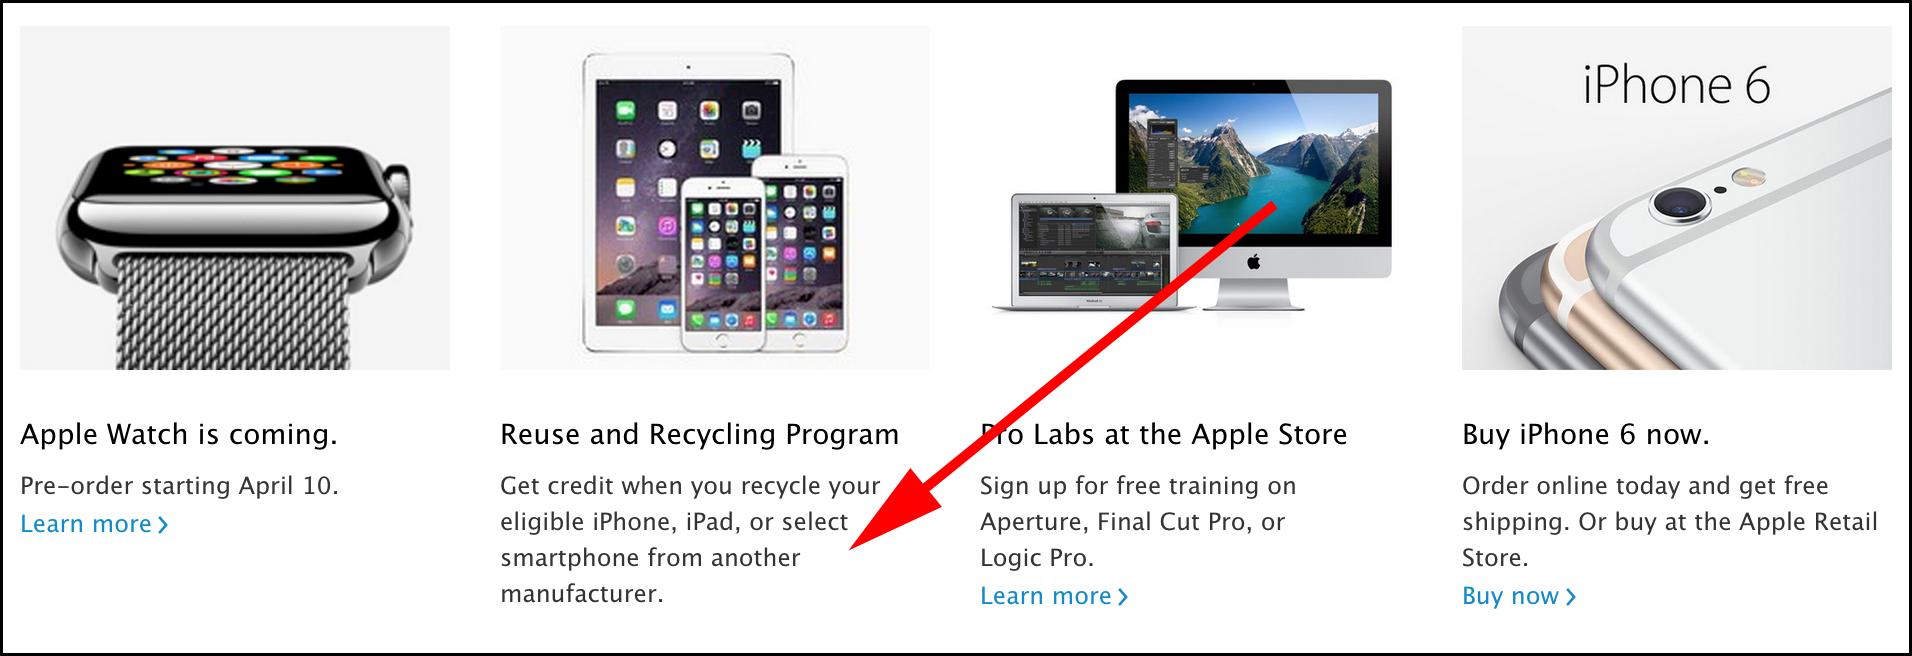 Thông tin về chương trình đổi điện thoại được cập nhật trên trang web Apple Store.